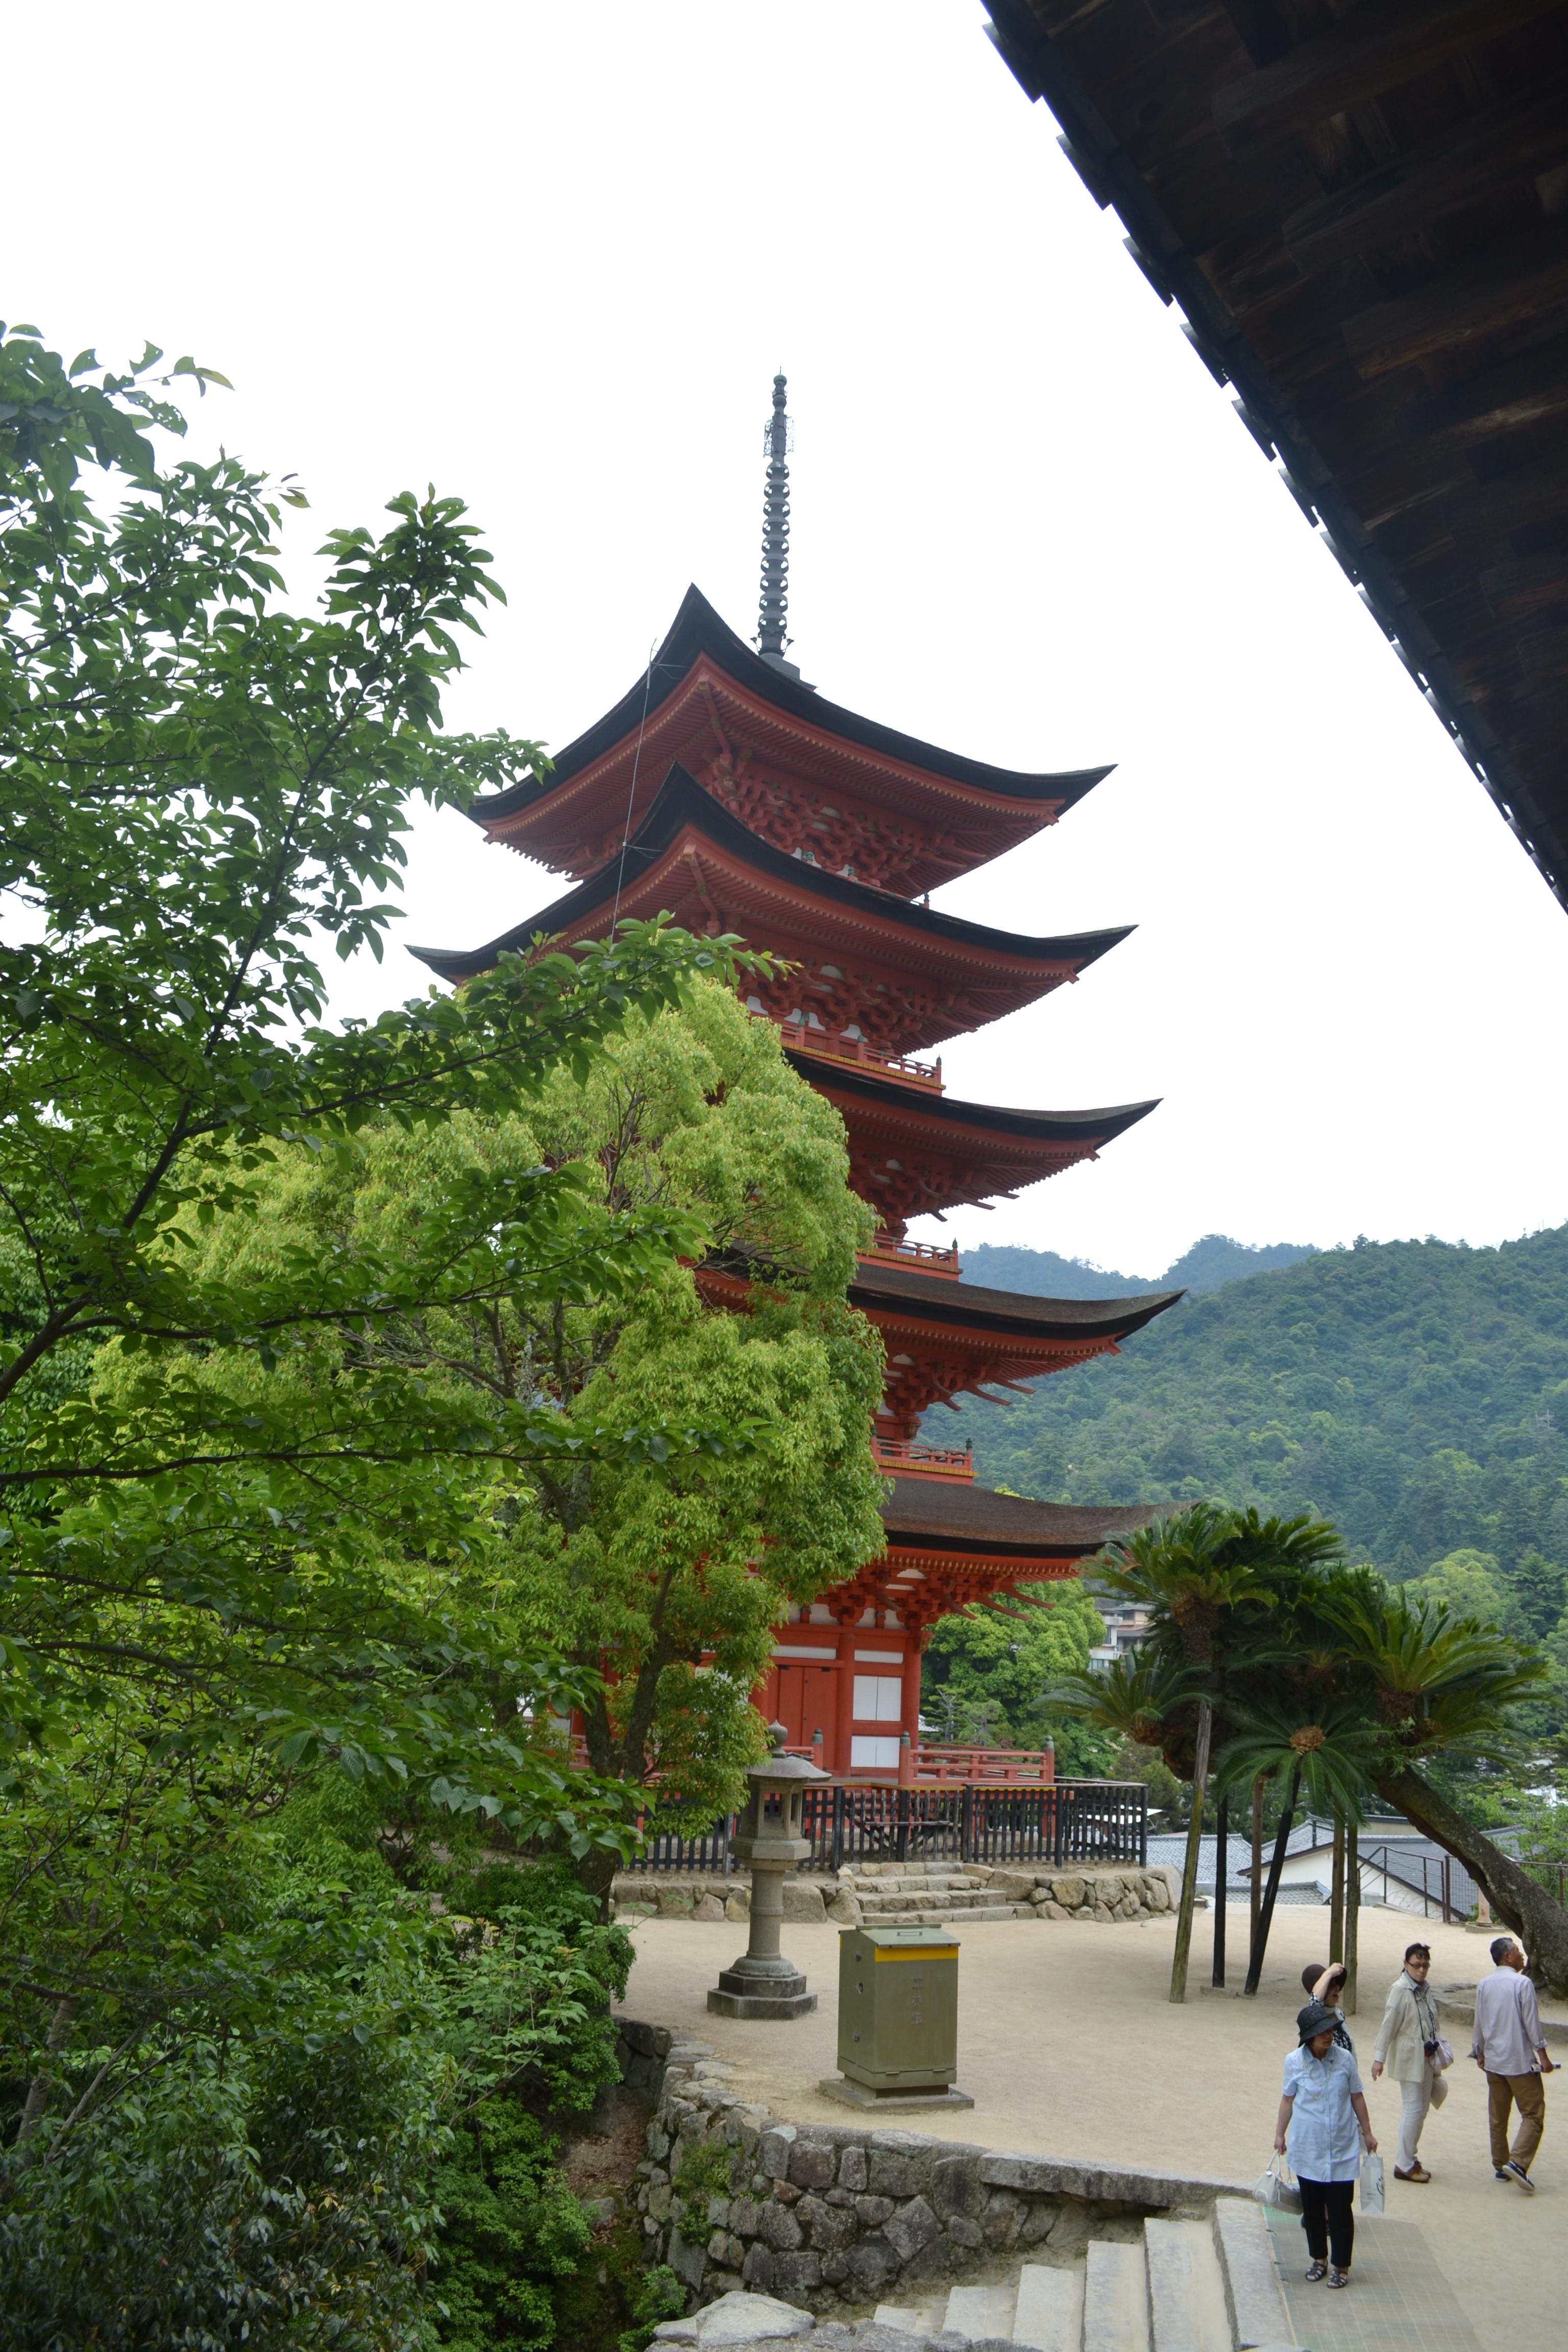 5 Katlı Pagoda